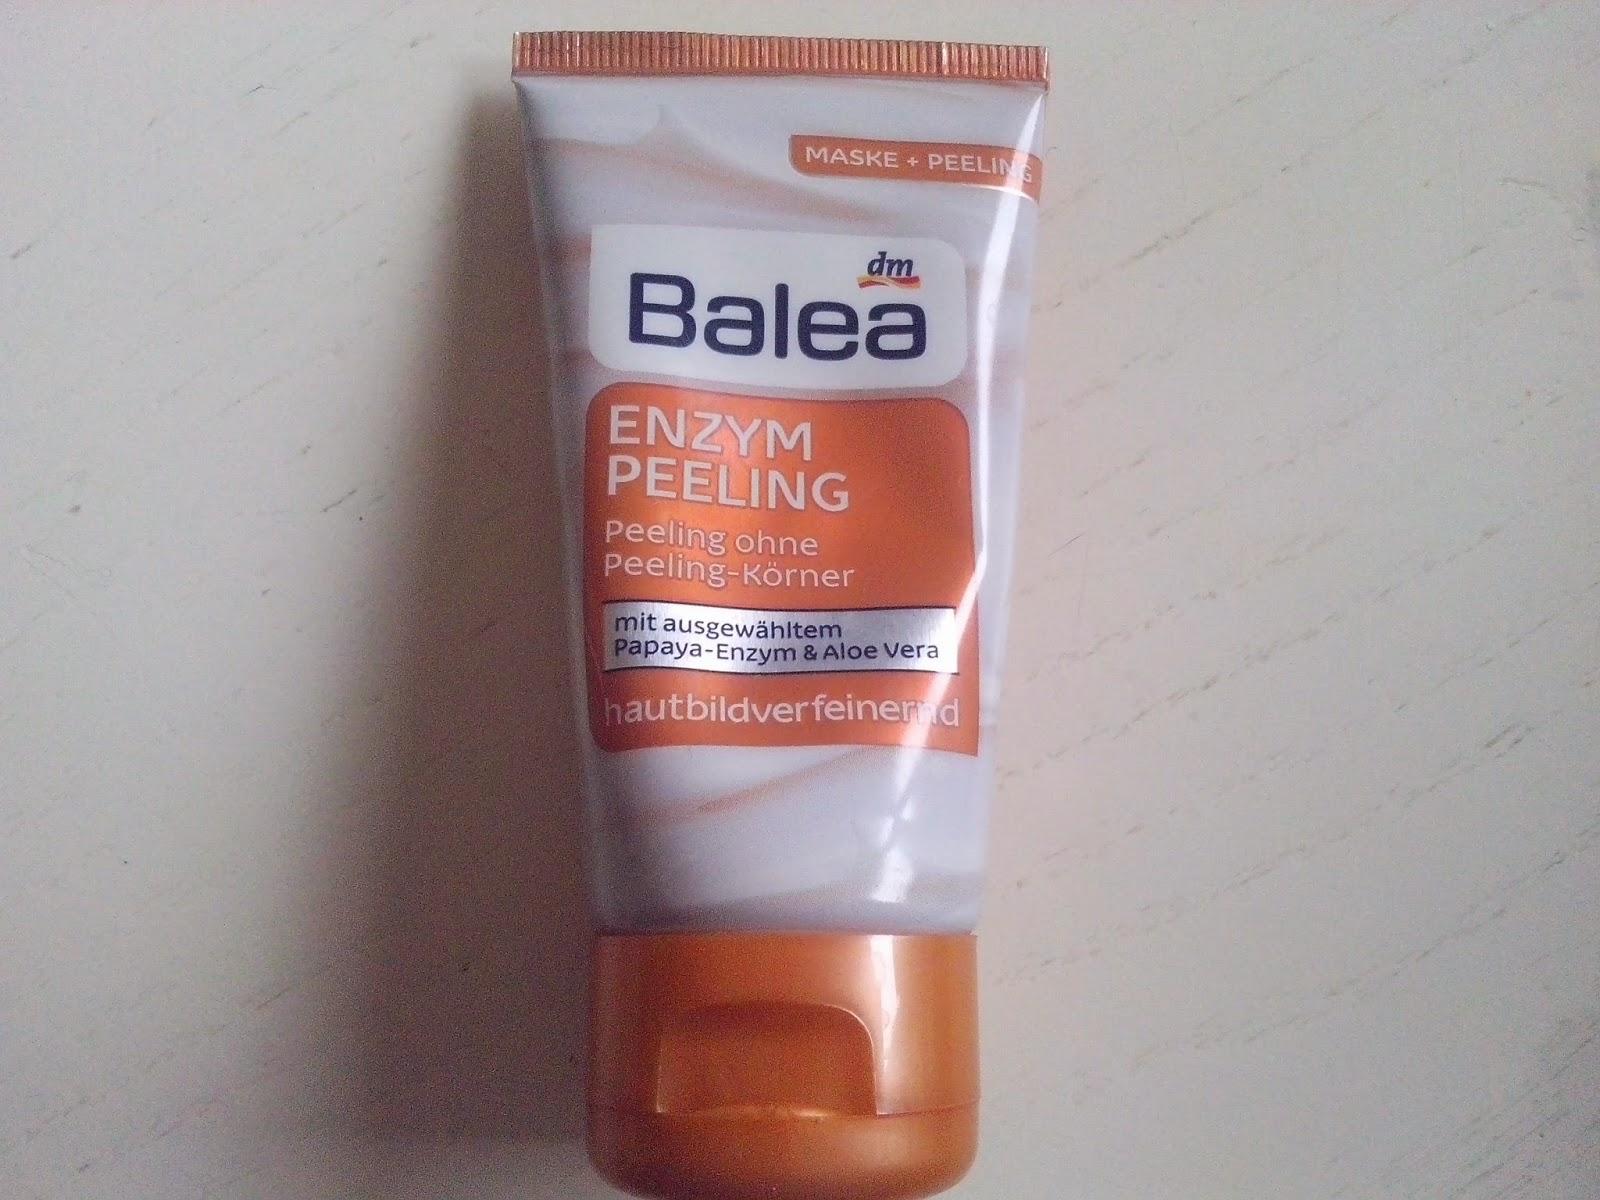 balea-enzym-peeling